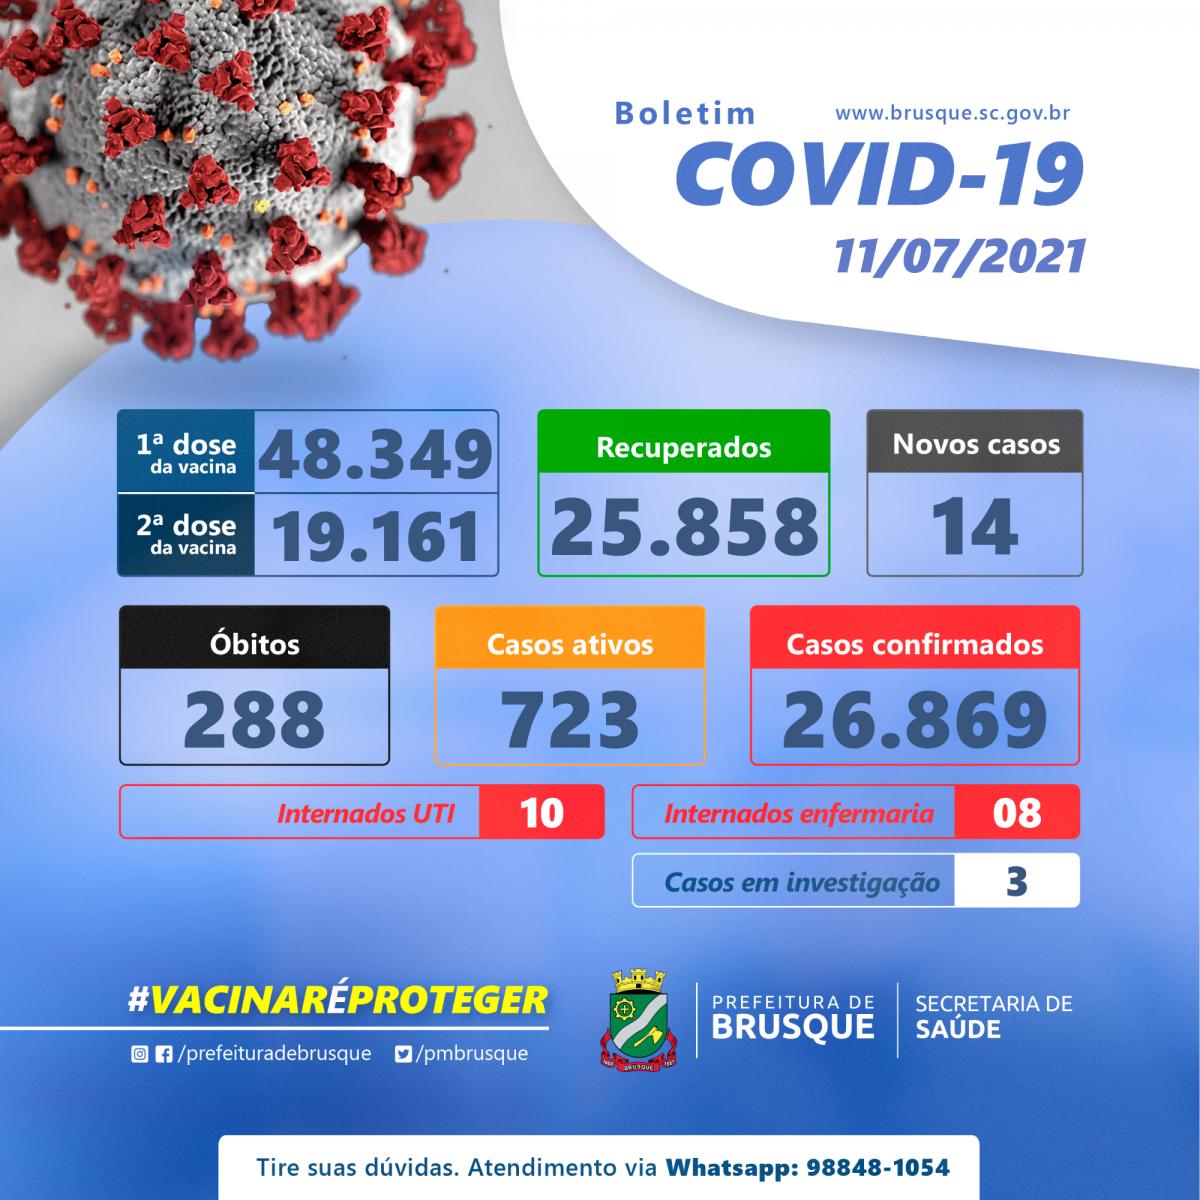 Covid 19: Confira o boletim epidemiológico deste domingo (11)